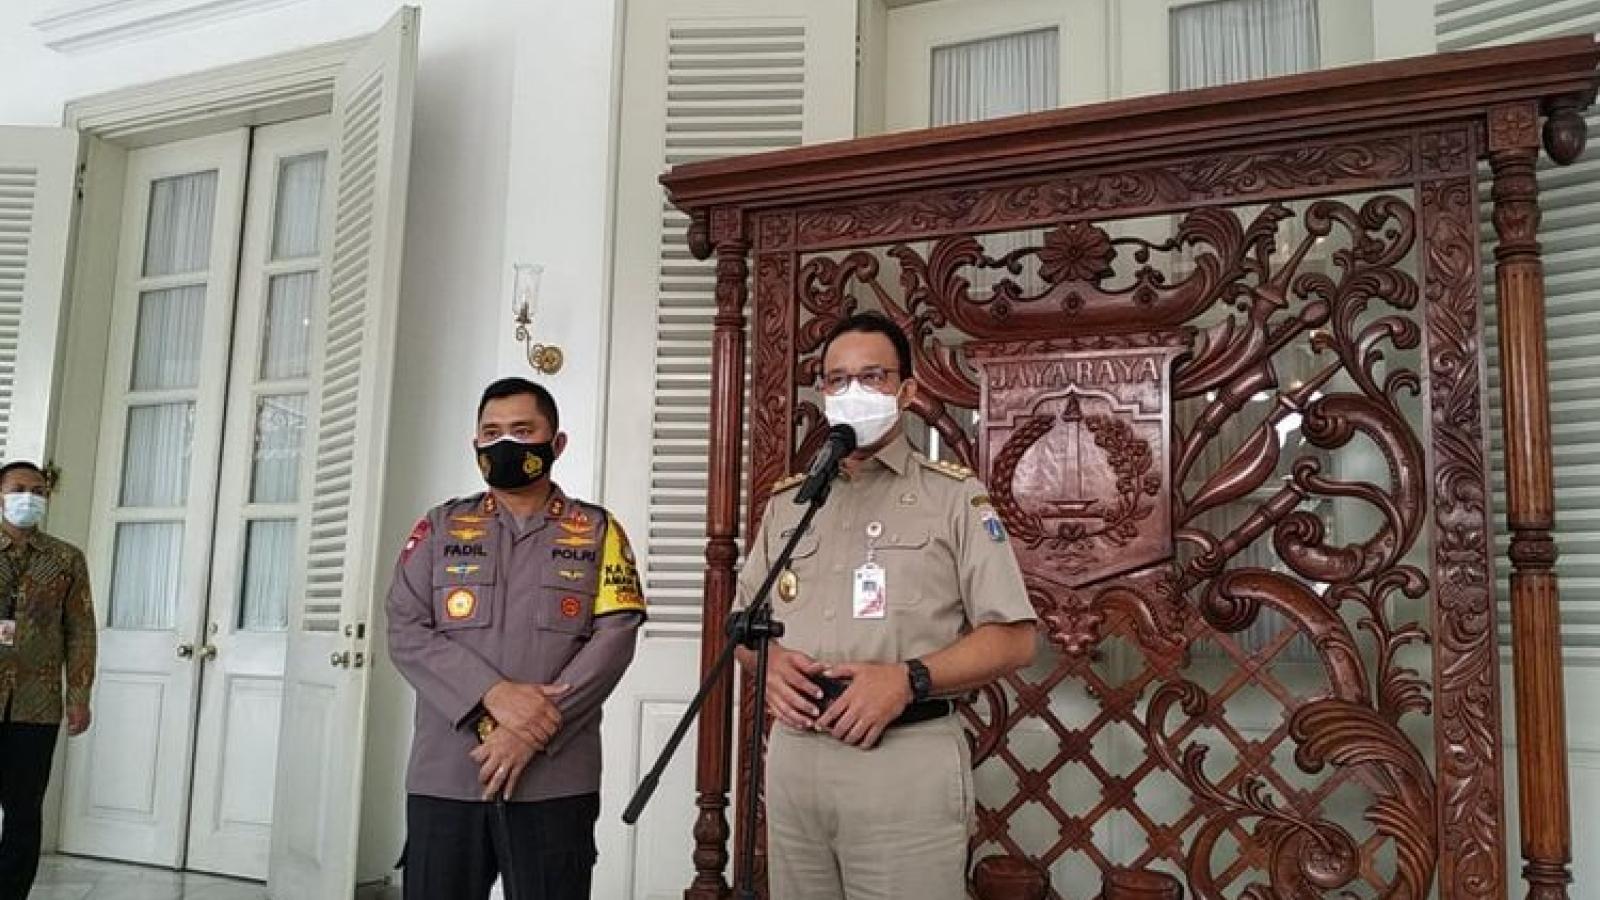 Thống đốc và Phó Thống đốc Jakarta (Indonesia) mắc Covid-19